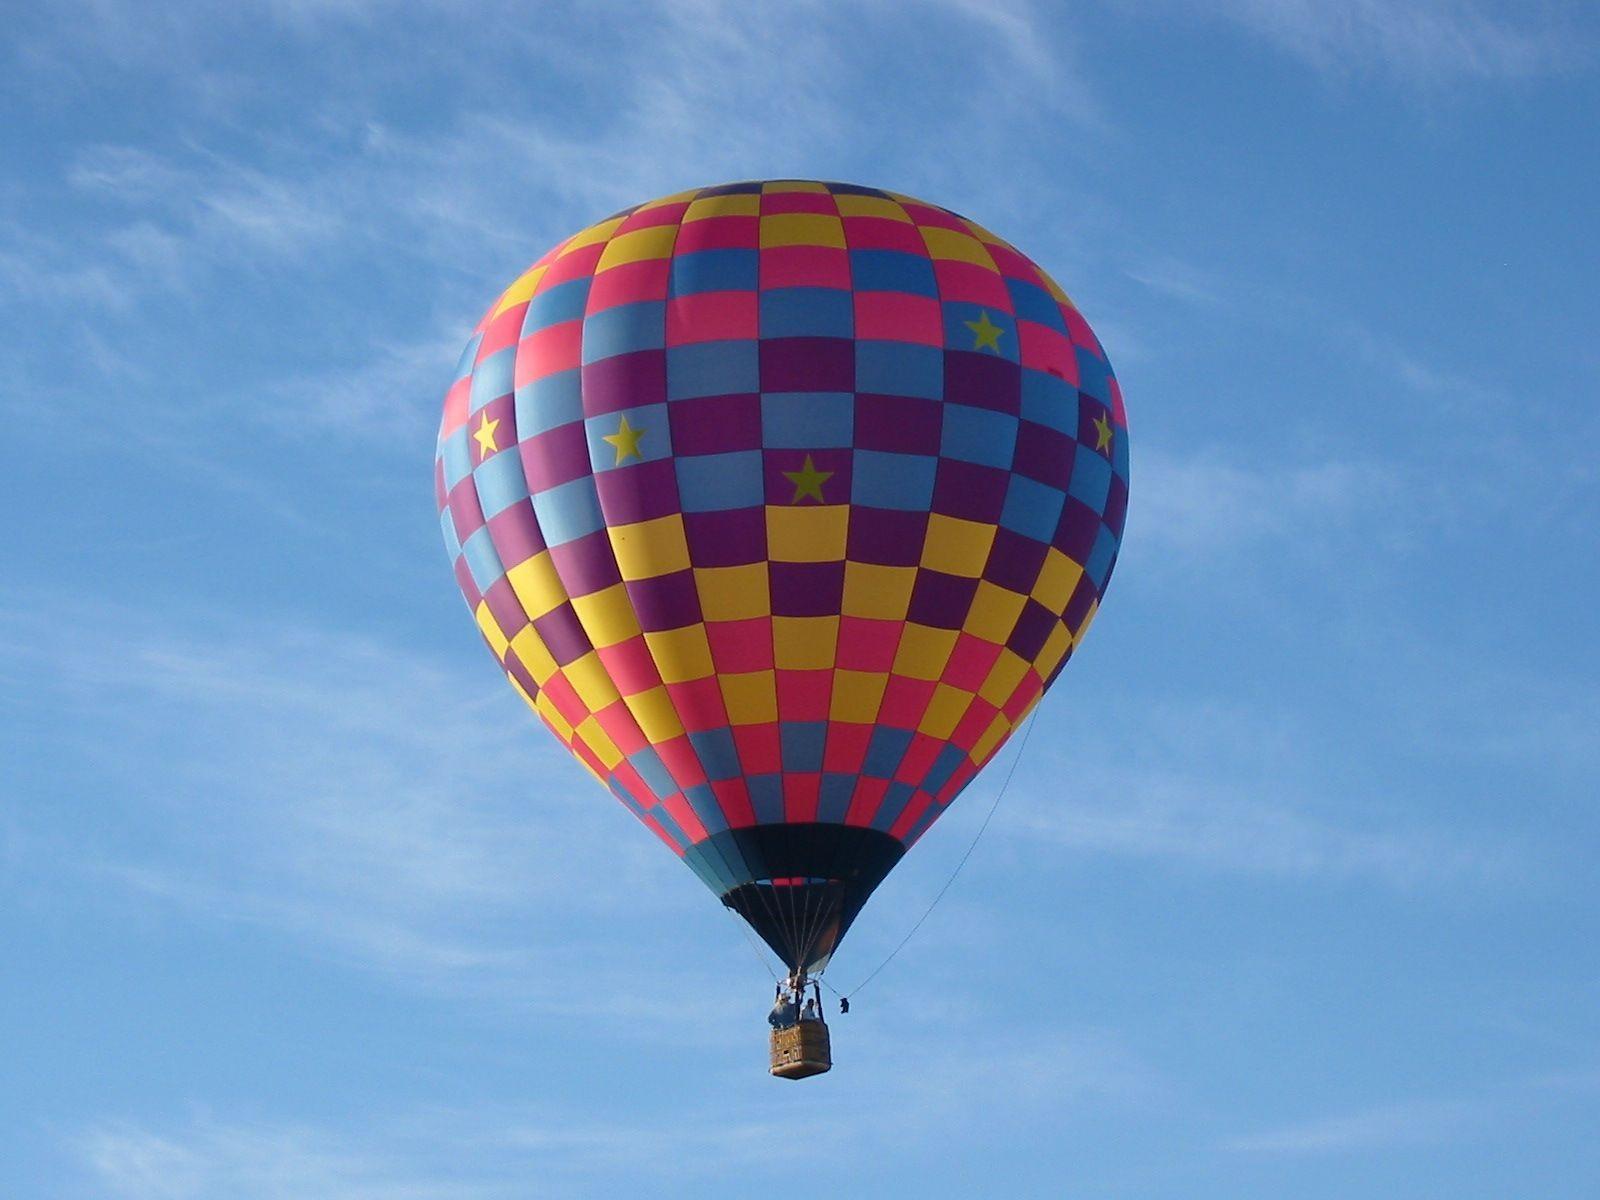 Картинки с воздушными шарам